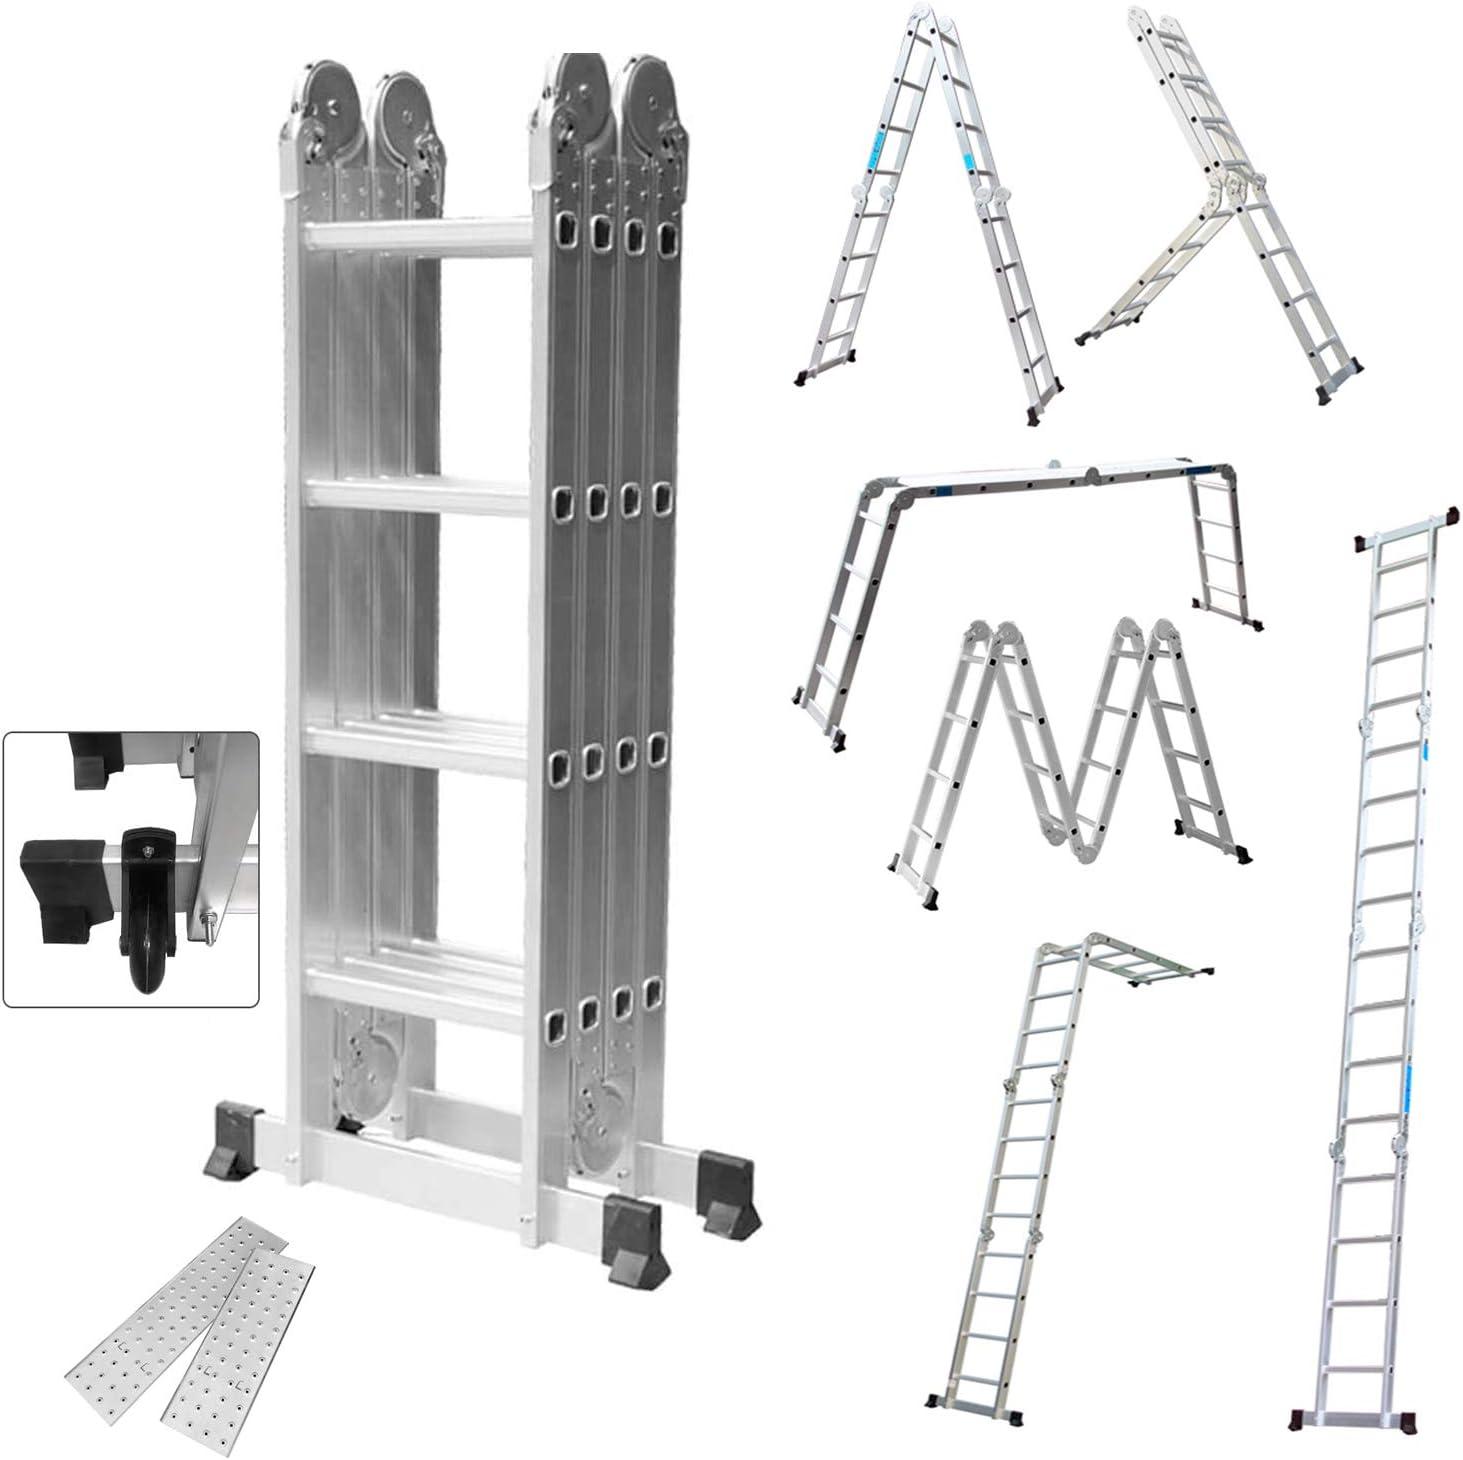 HENGMEI 4.7m 6 en 1 Escalera de Aluminio Multifuncional Plegable Escalera con Plataforma 4x4, Cargable hasta 150 kg: Amazon.es: Iluminación